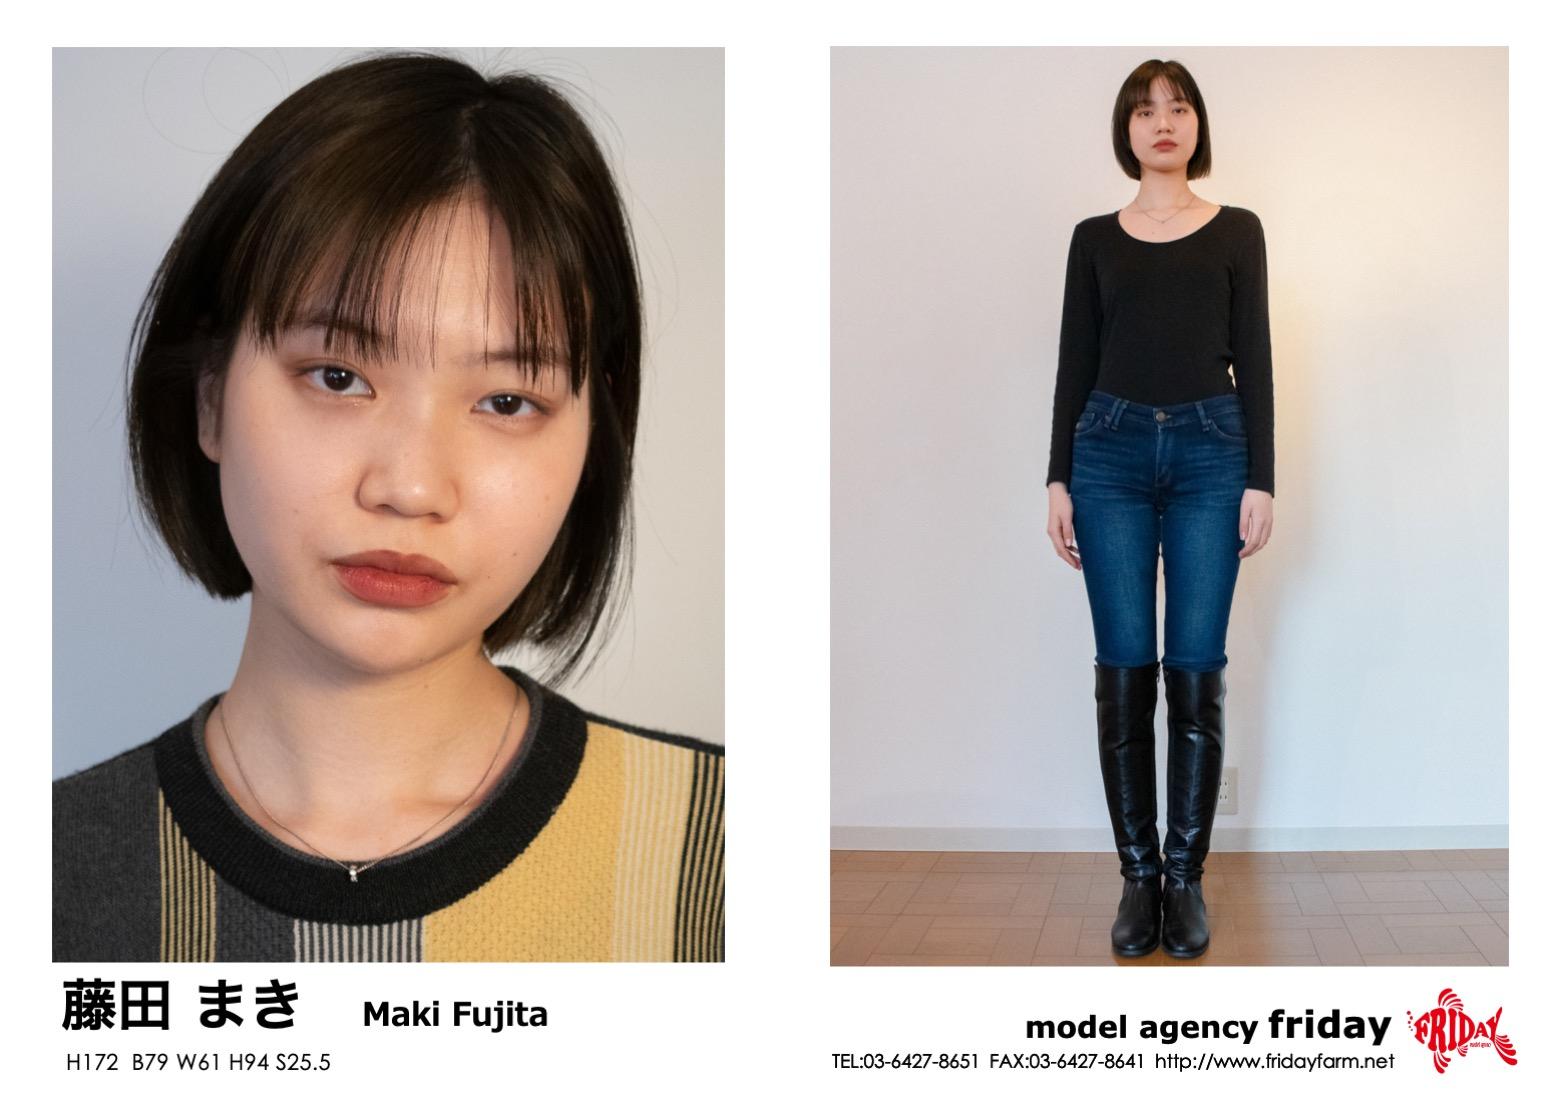 藤田 まき - Maki Fujita | model agency friday